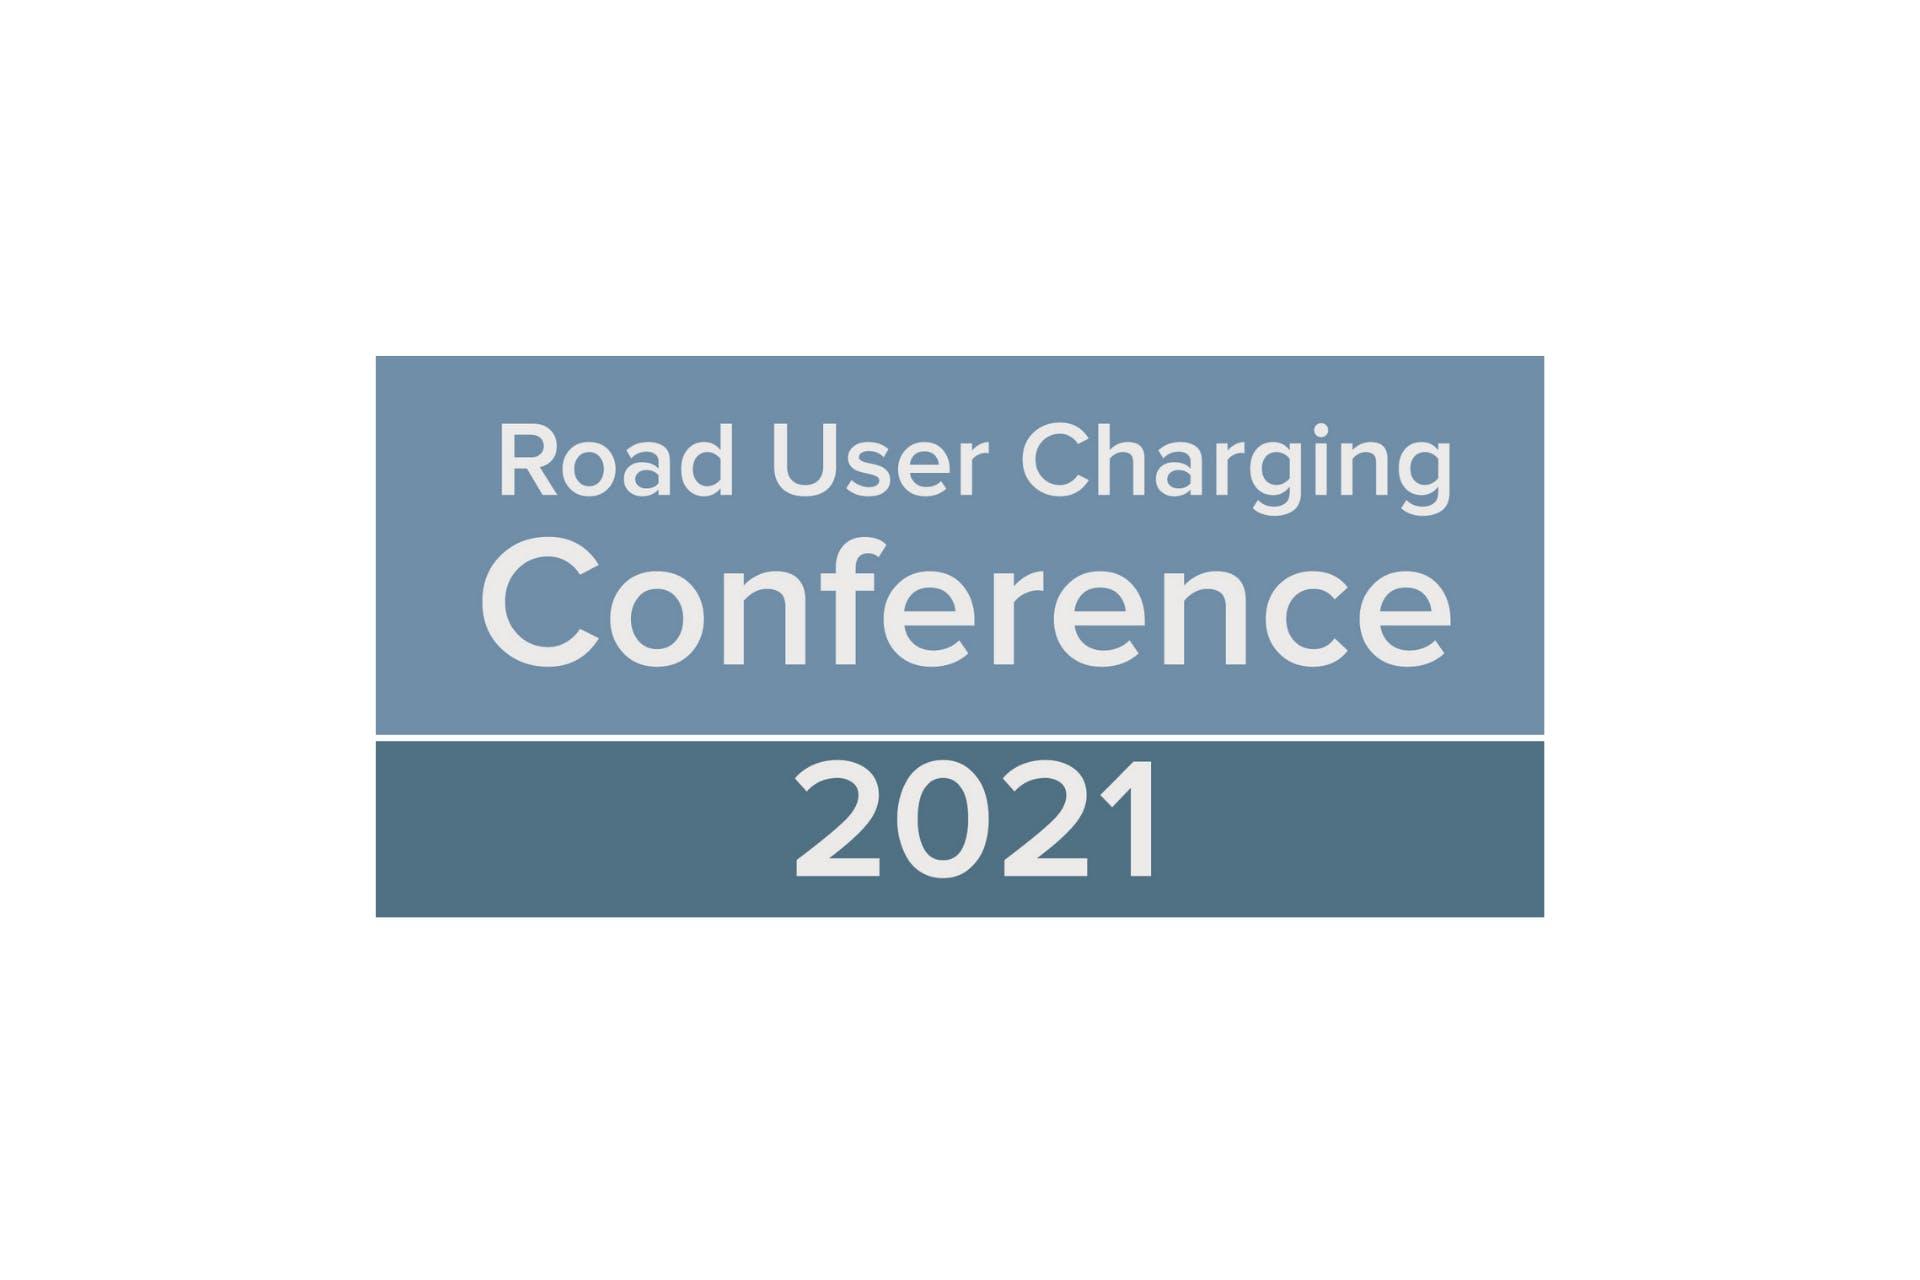 مؤتمر رسوم مستخدمي الطريق